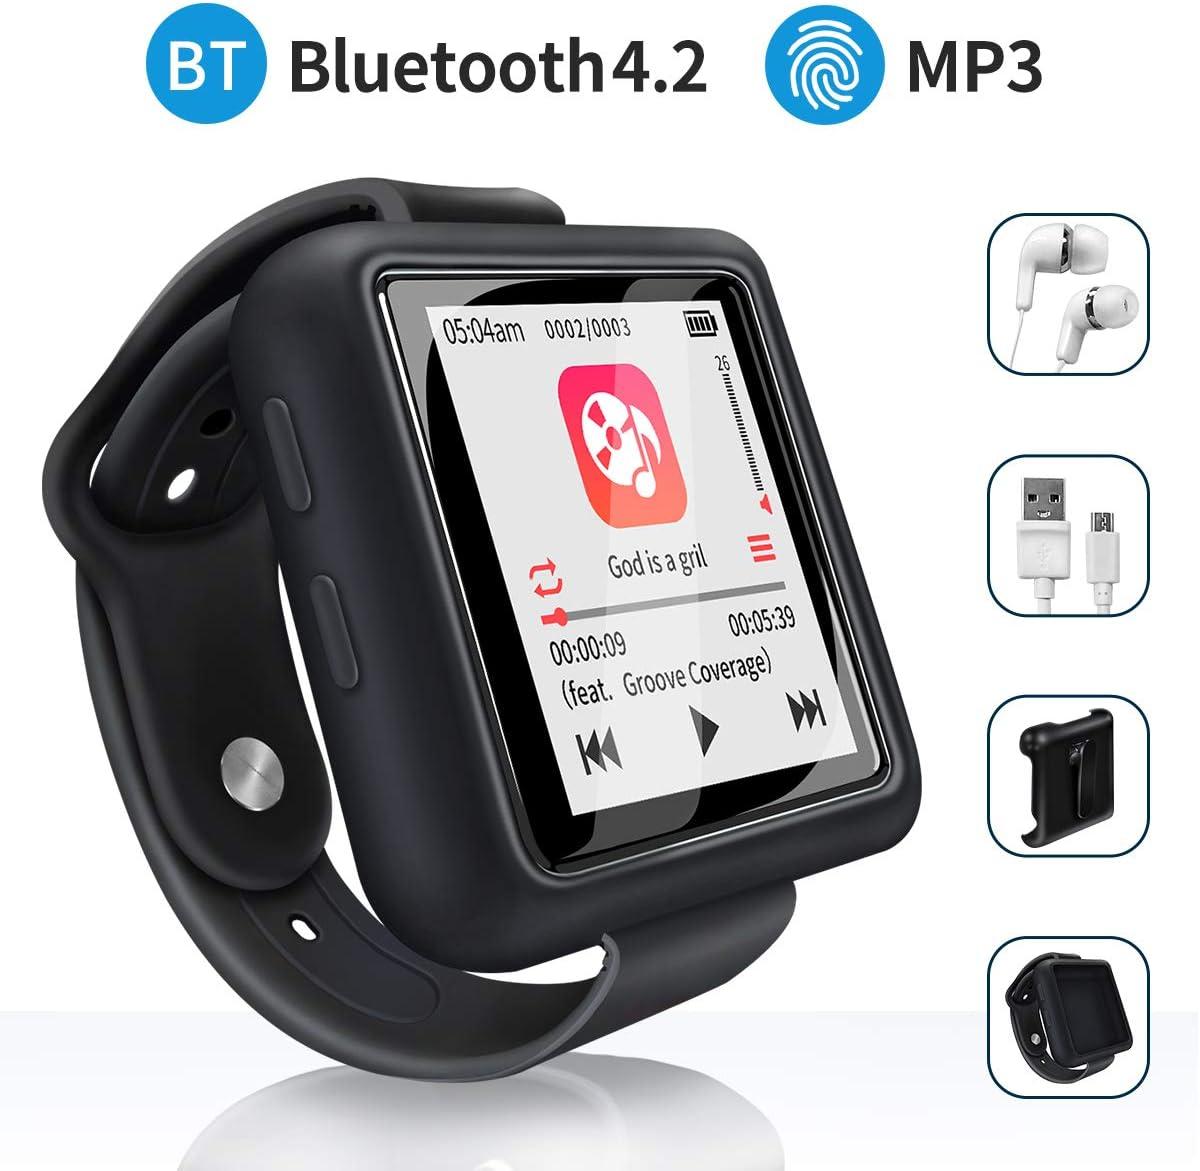 Mymahdi Sport Music Clip, Reproductor de MP3 Bluetooth de 8 GB con Radio FM/función de grabación de Voz, Negro con Pantalla táctil, máximo de hasta 128 GB